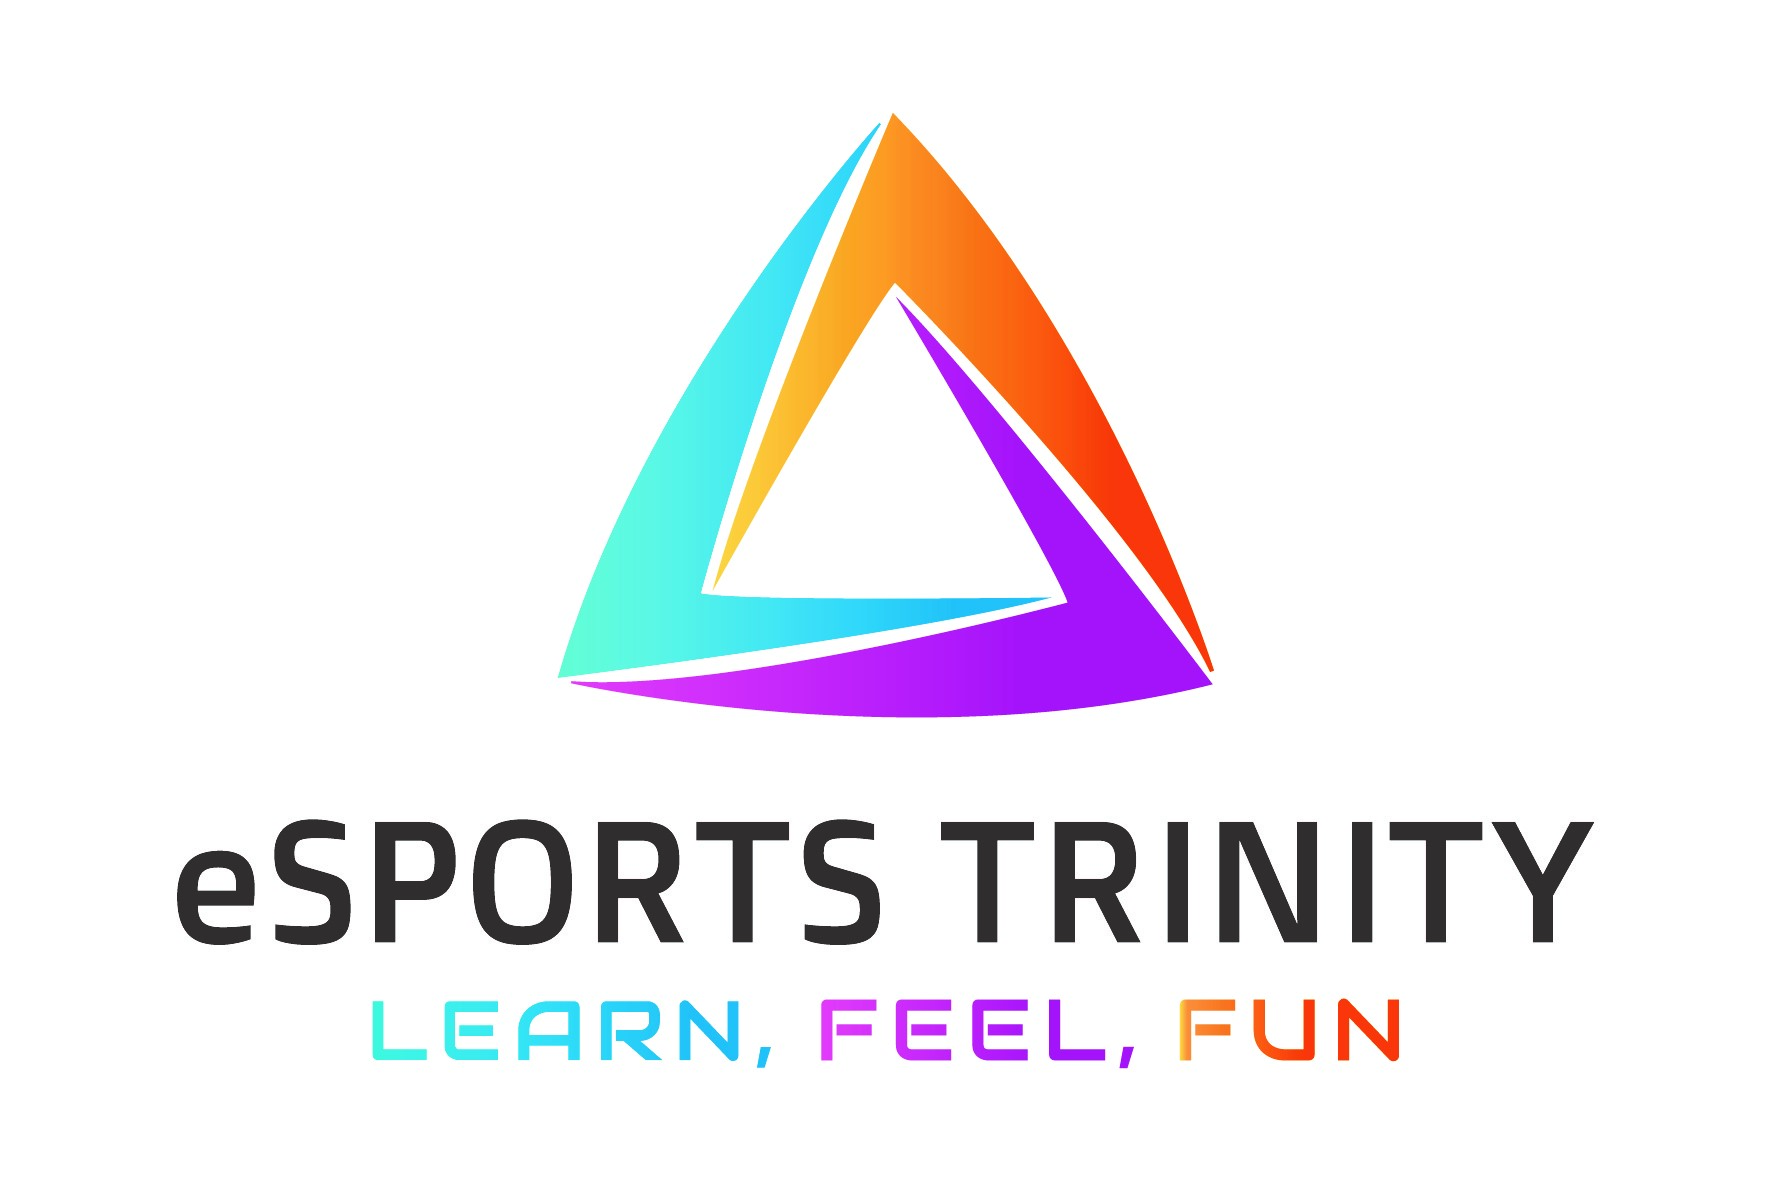 eSPORTS TRINITYロゴ